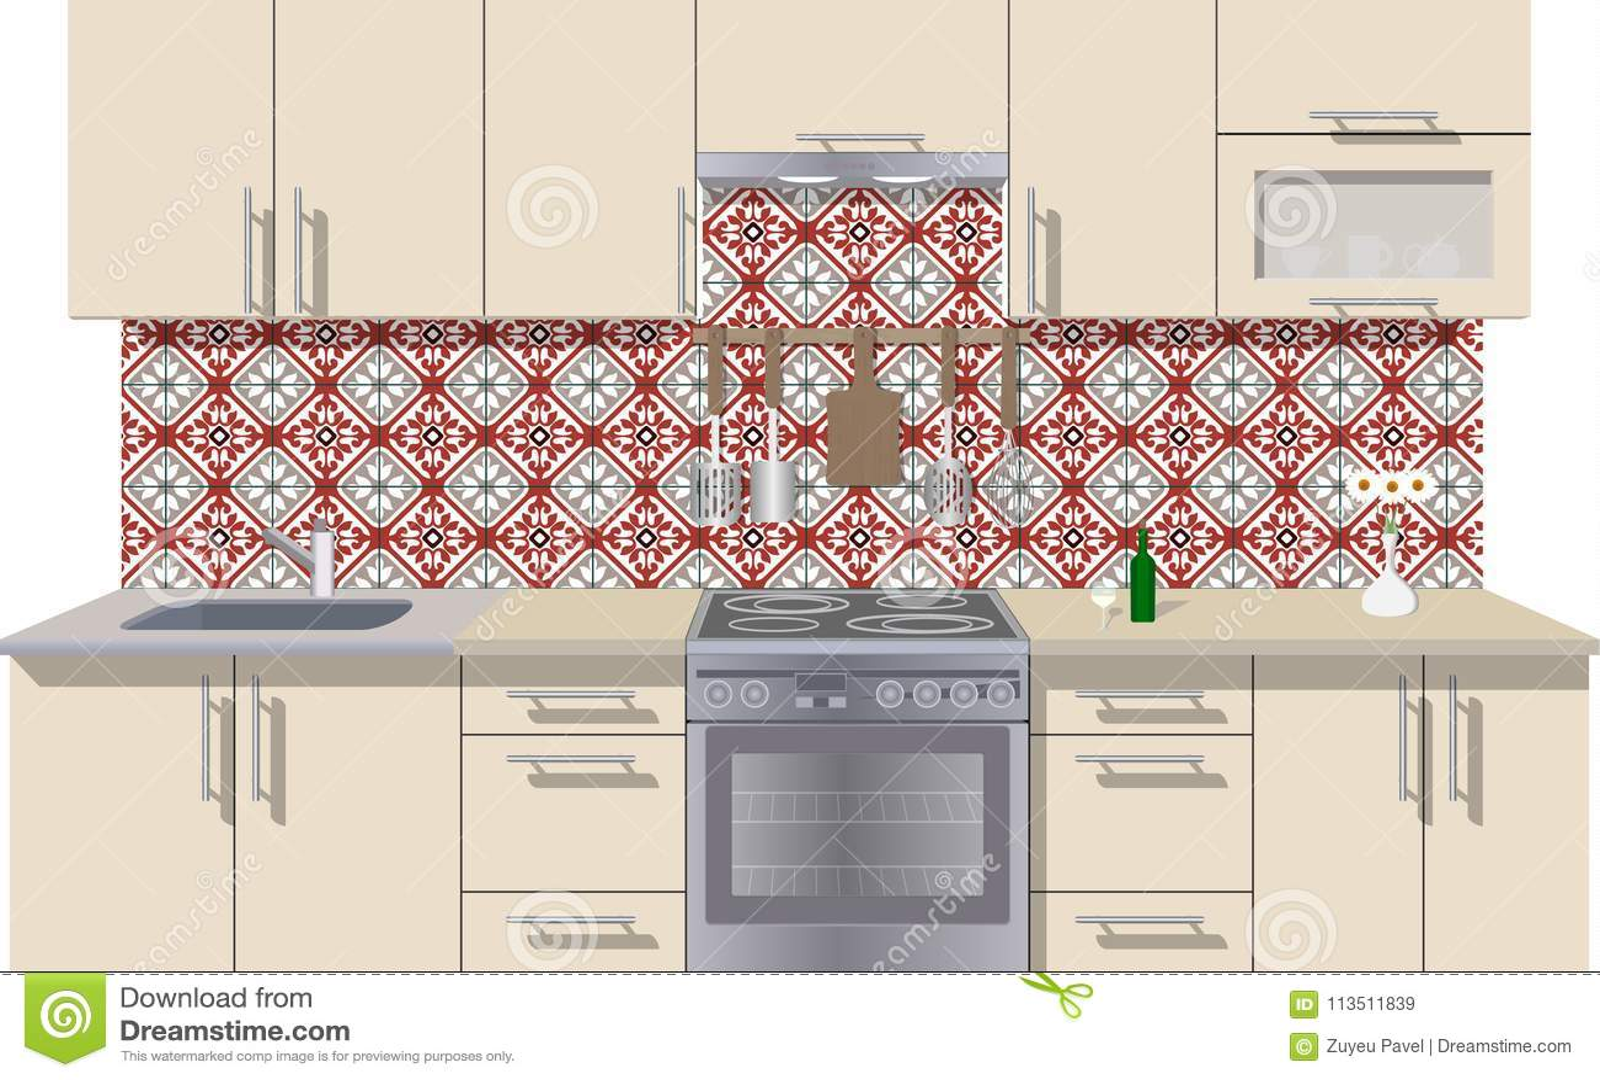 Fondo Interior De La Cocina Con Muebles Diseño De Cocina Moderna ...